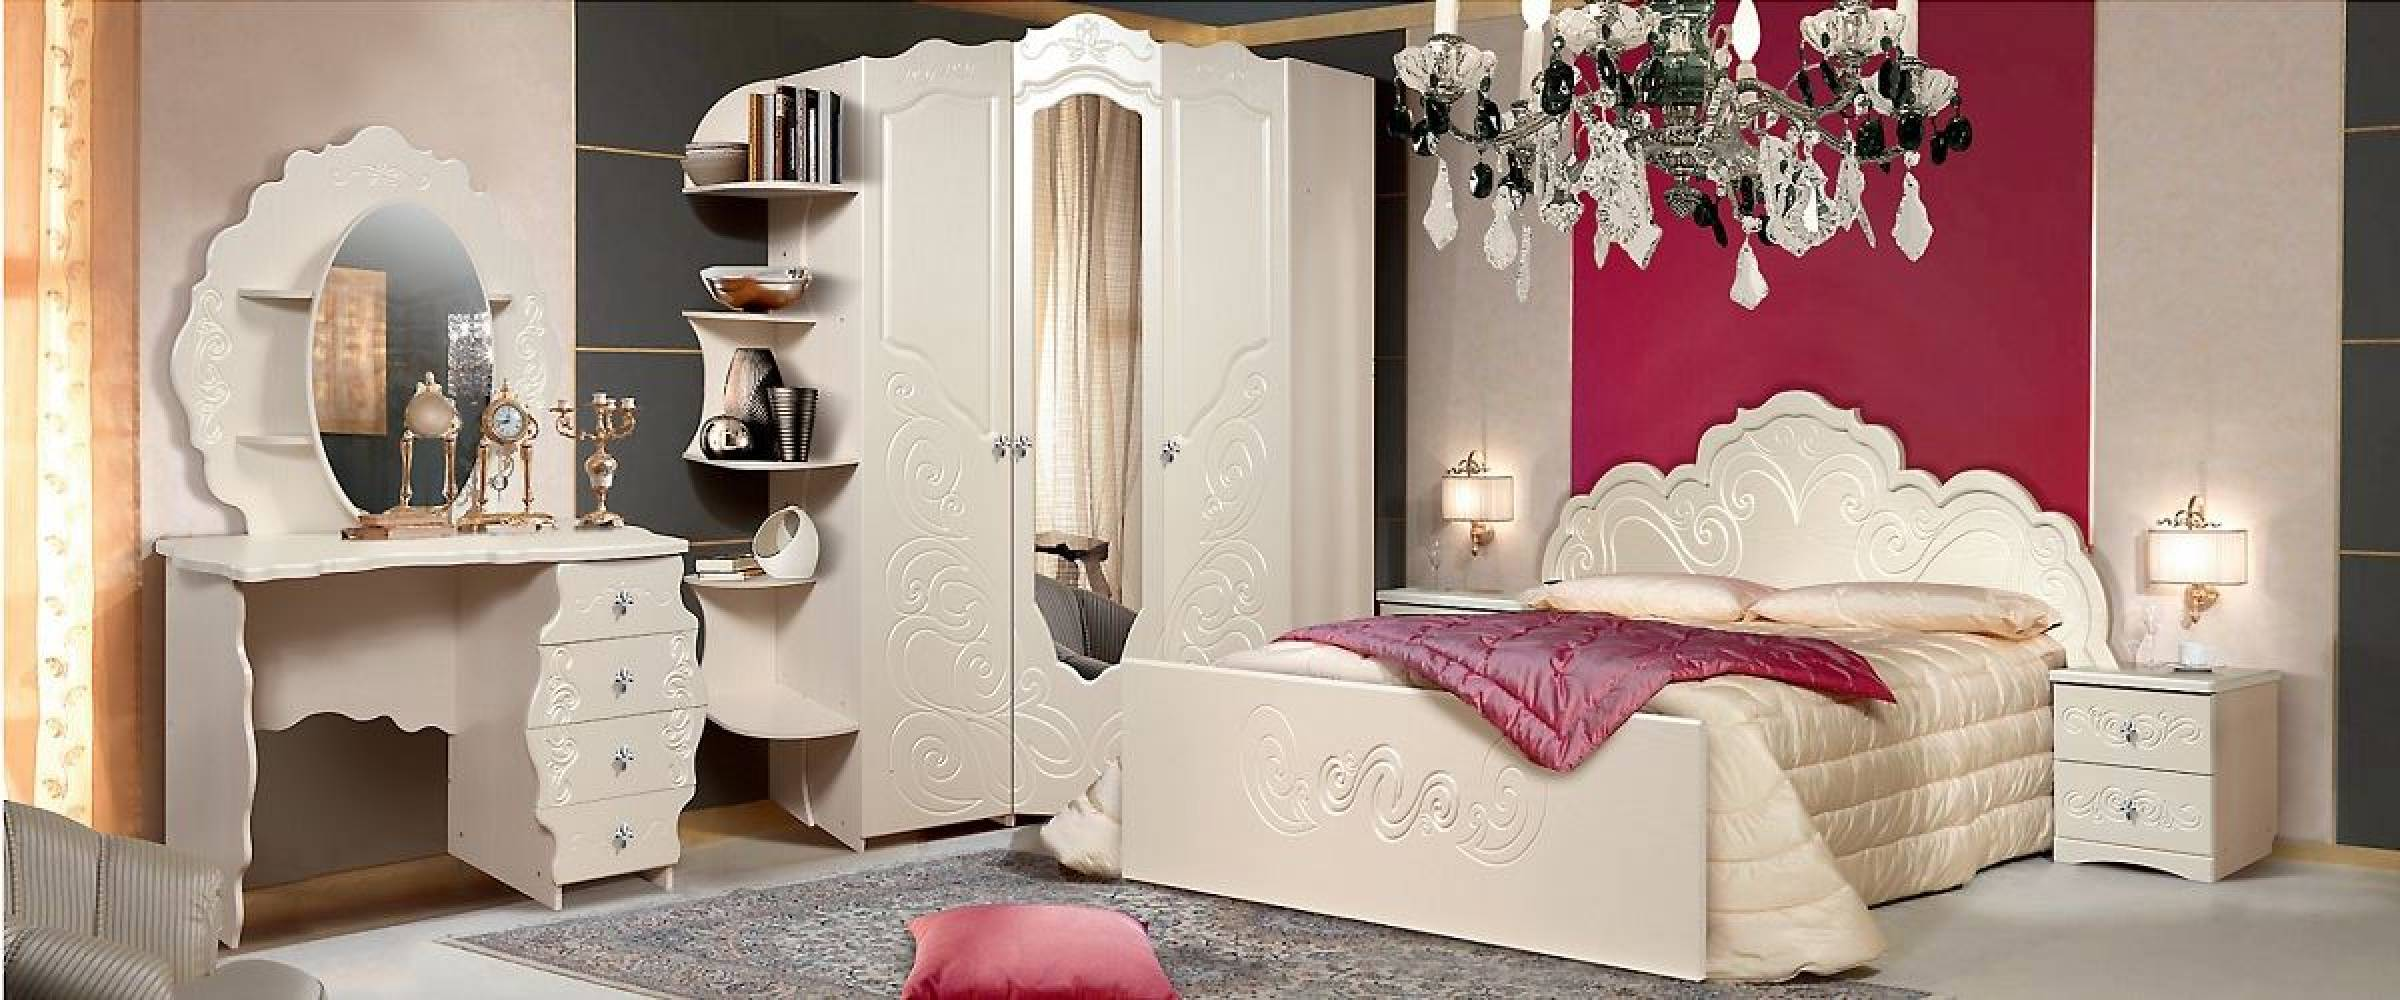 Спальня Жемчужина КМК 0380. Комплект 3